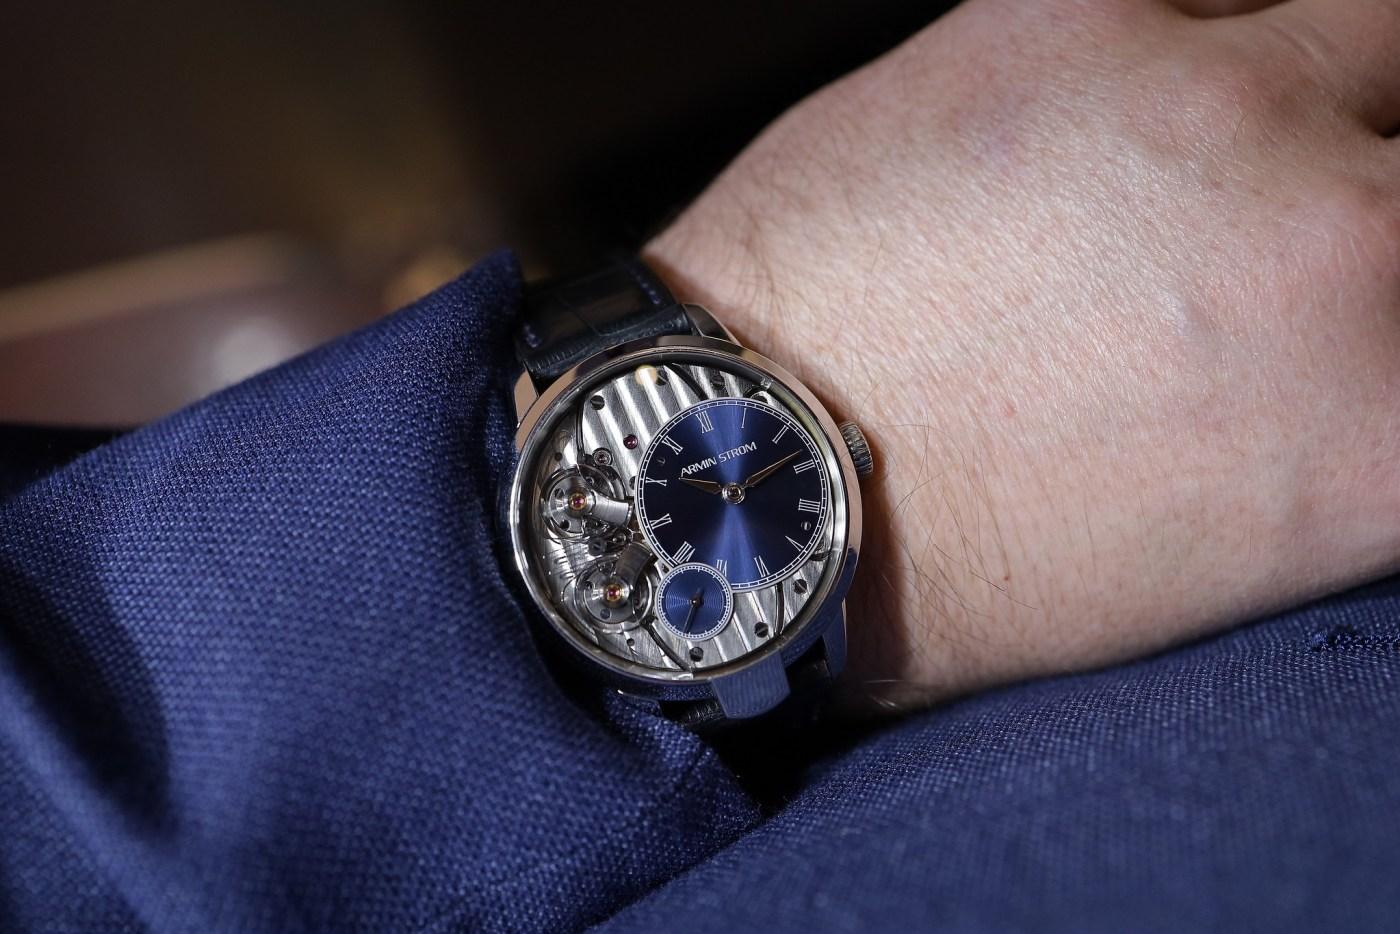 Armin Strom Pure Resonance stainless steel wristshot